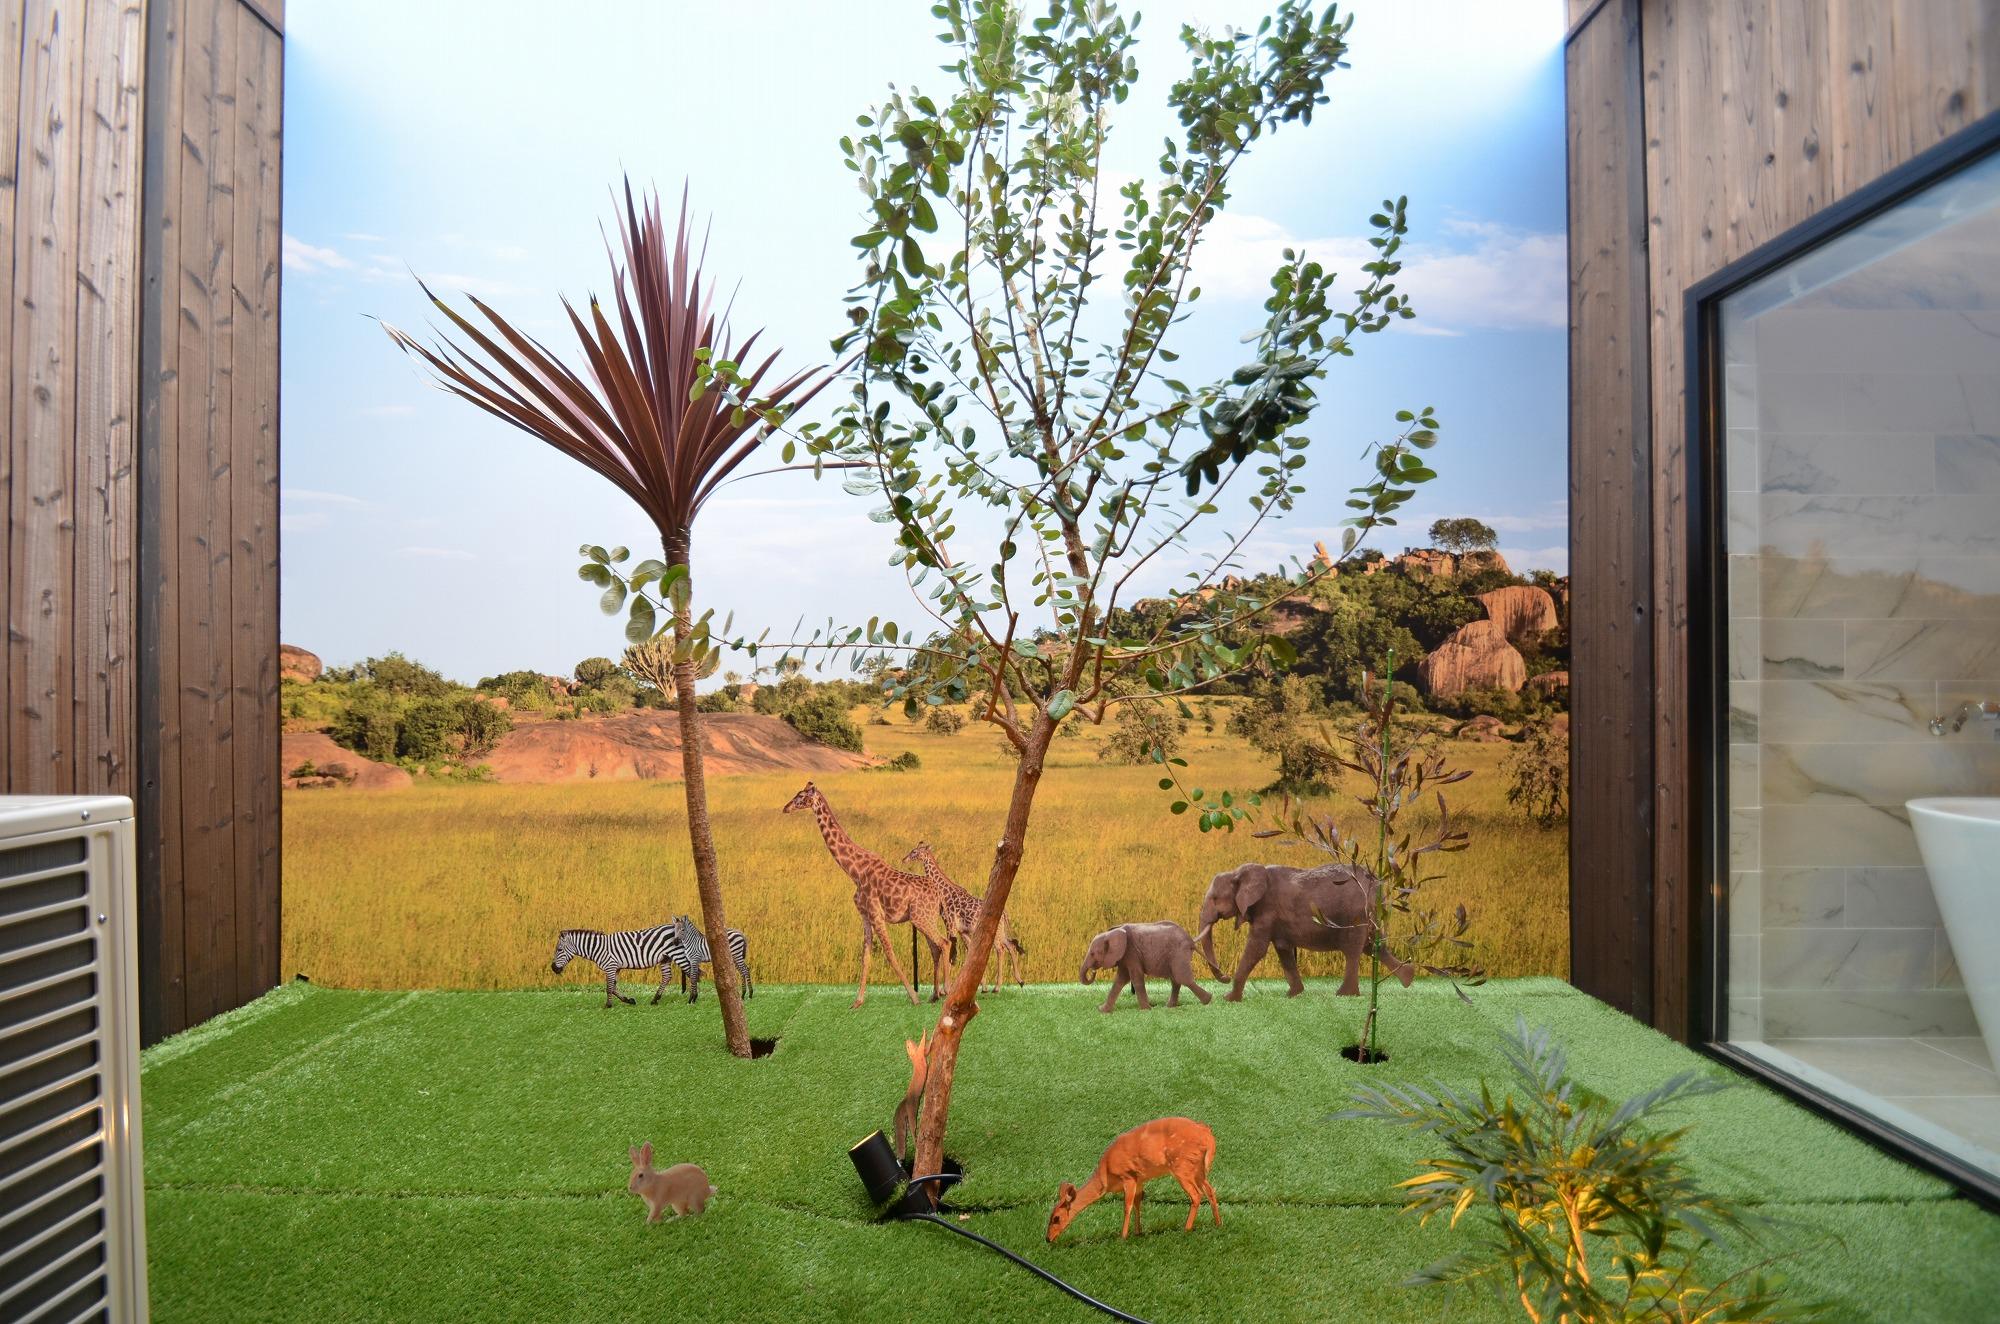 動物たくさんの中庭♪お子様が見ると大はしゃぎですね